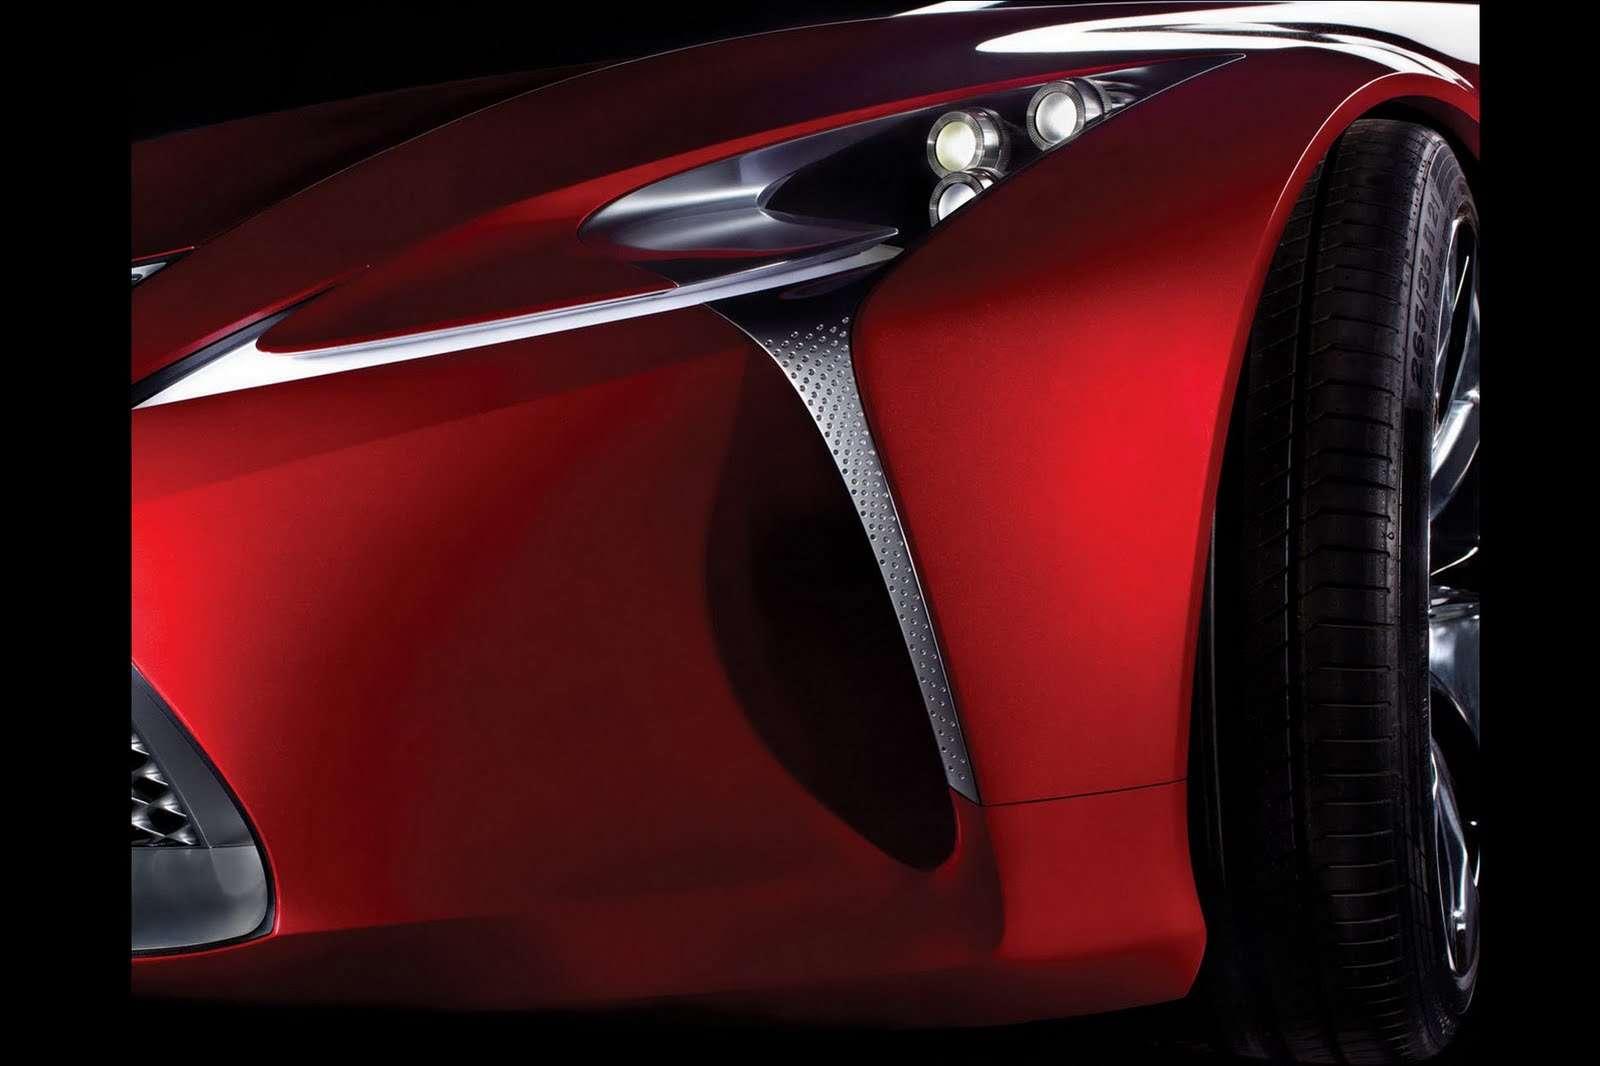 Lexus concept teaser grudzien 2011